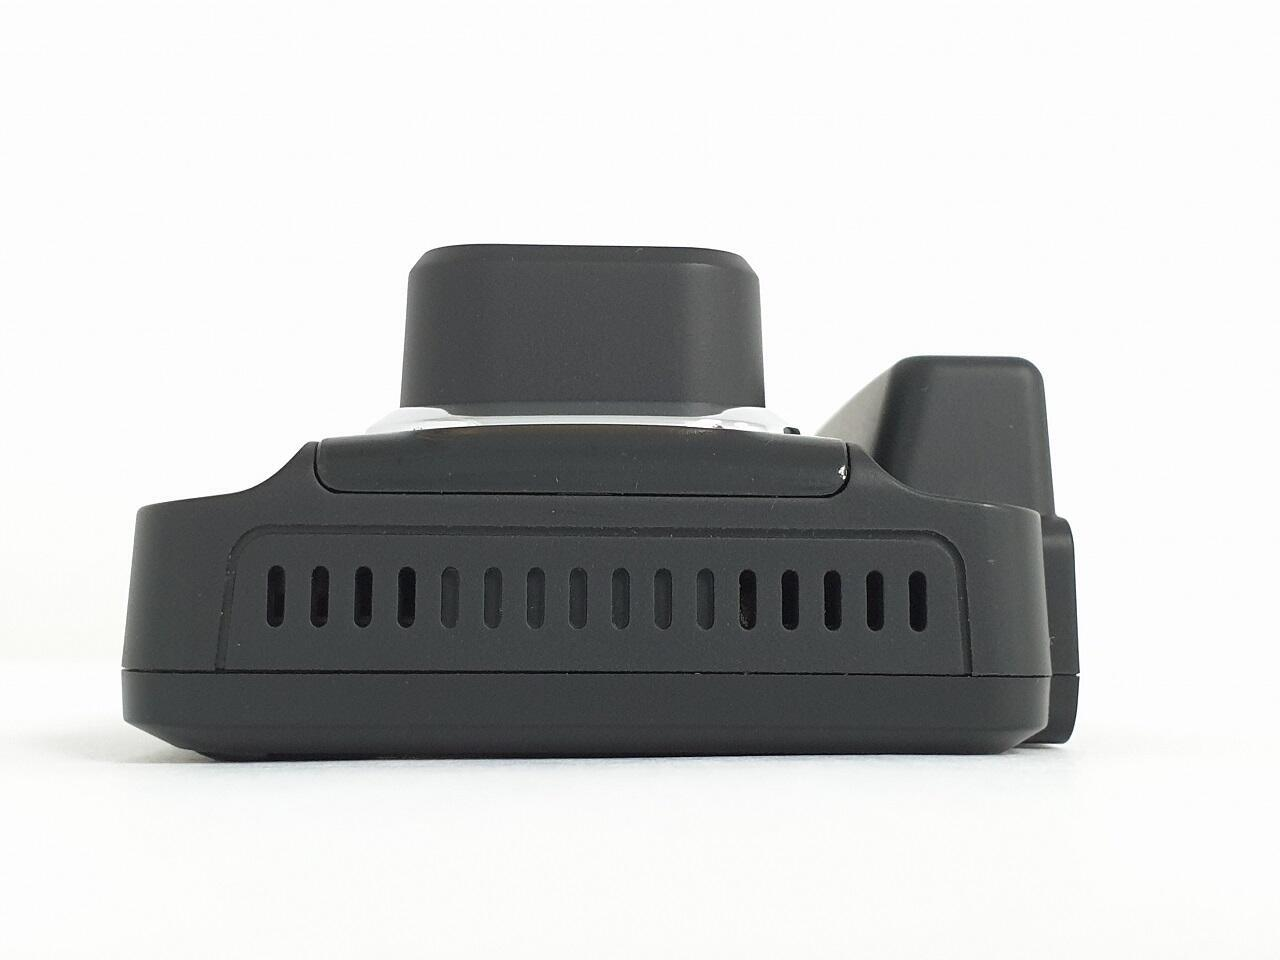 Avtotovary - Obzor DEXP RD-Security videoregistrator + radar-detektor